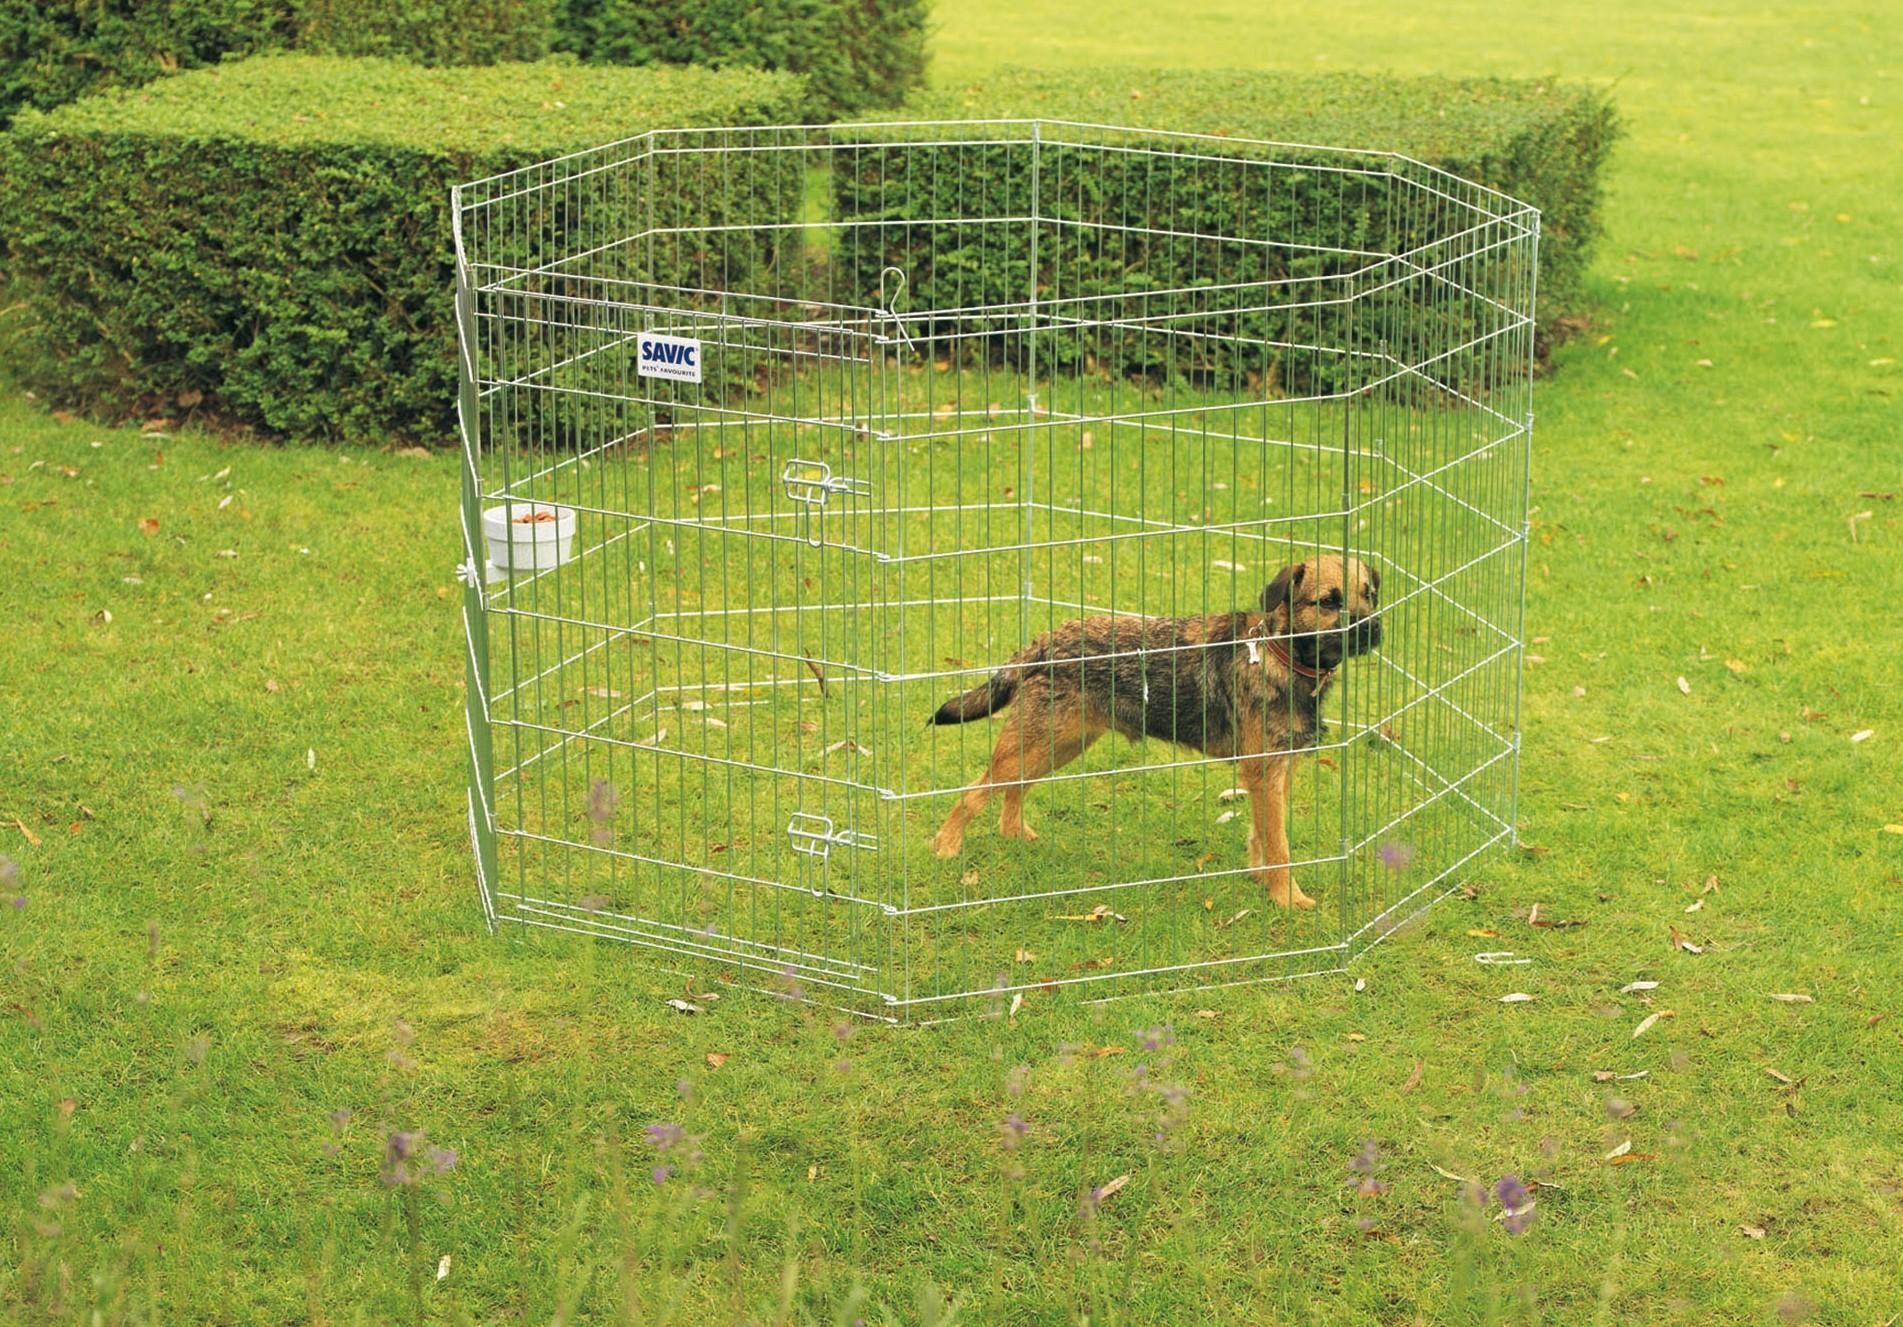 Recinto per cani Dog park 2 da esterno in metallo